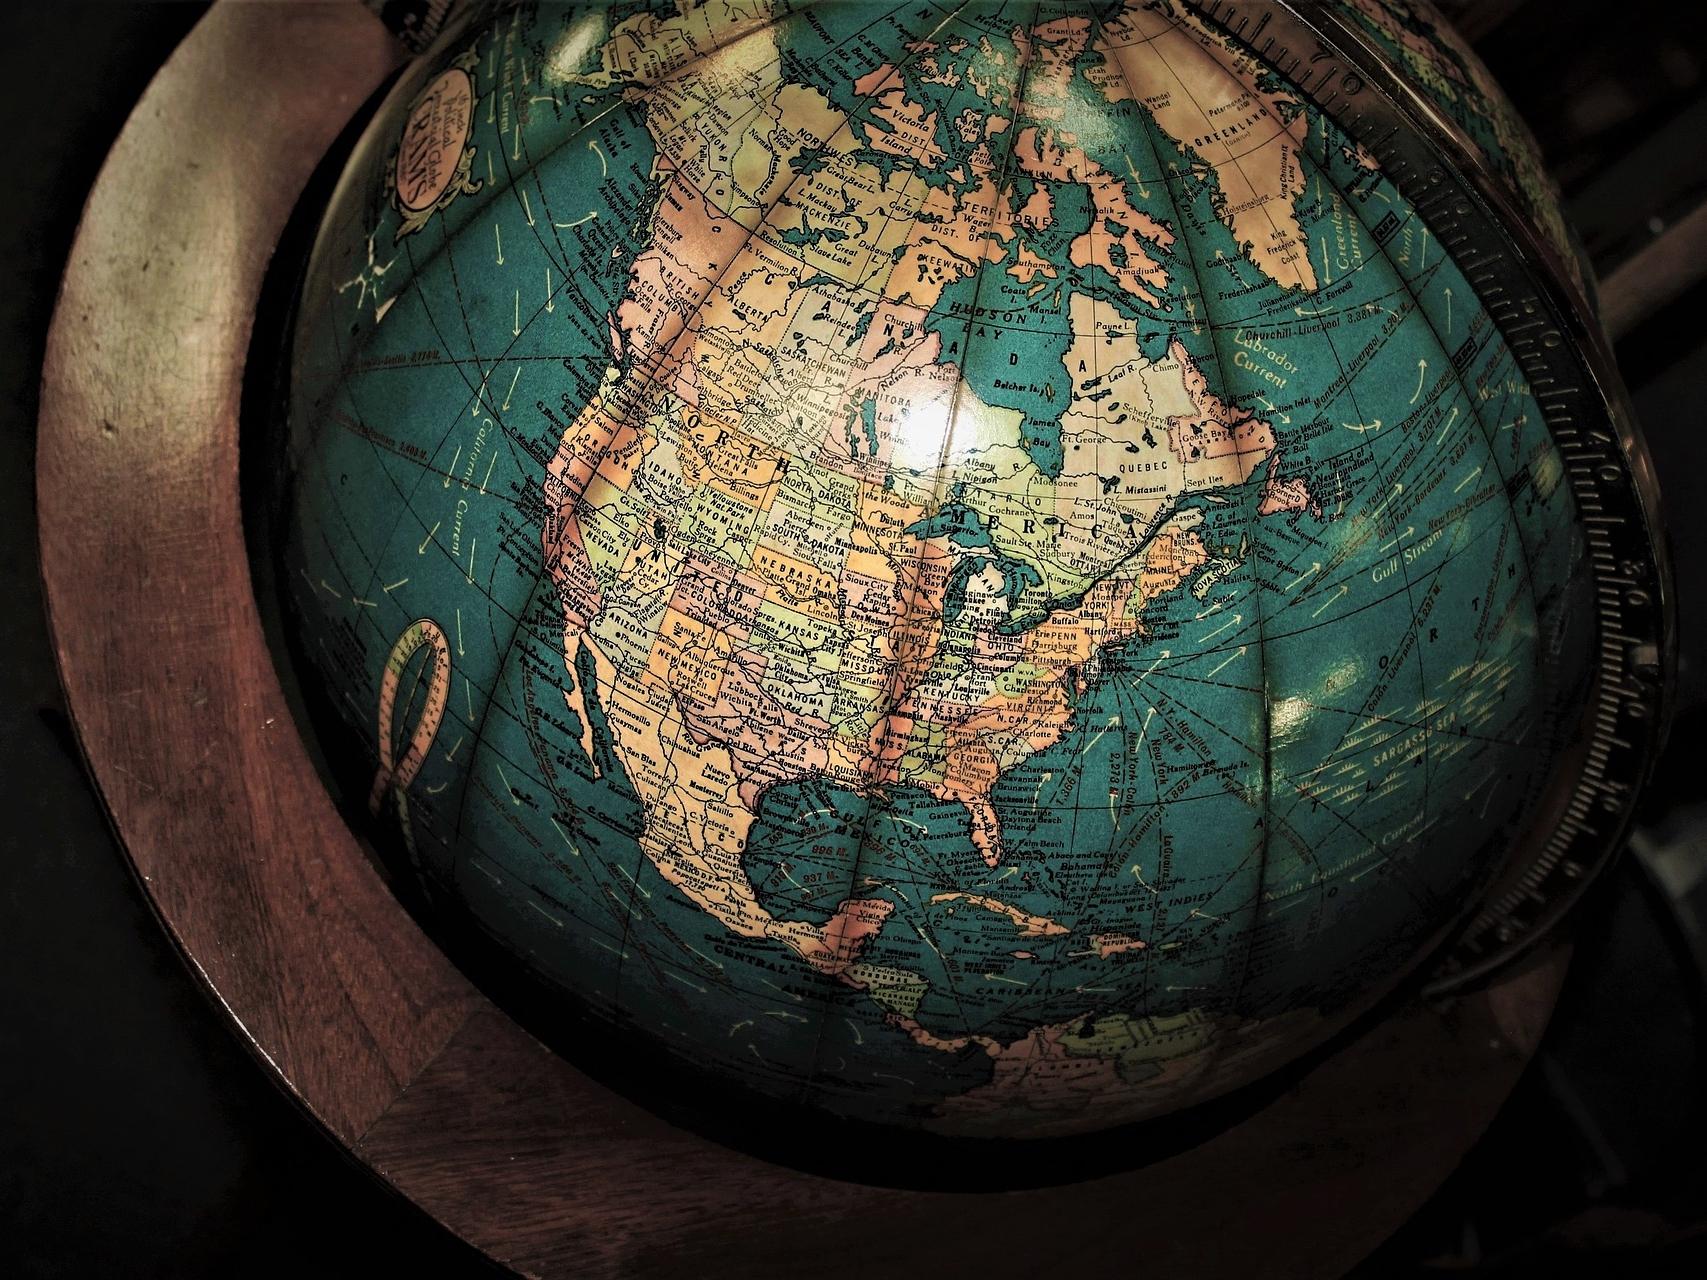 globe-2269653_1920.jpg